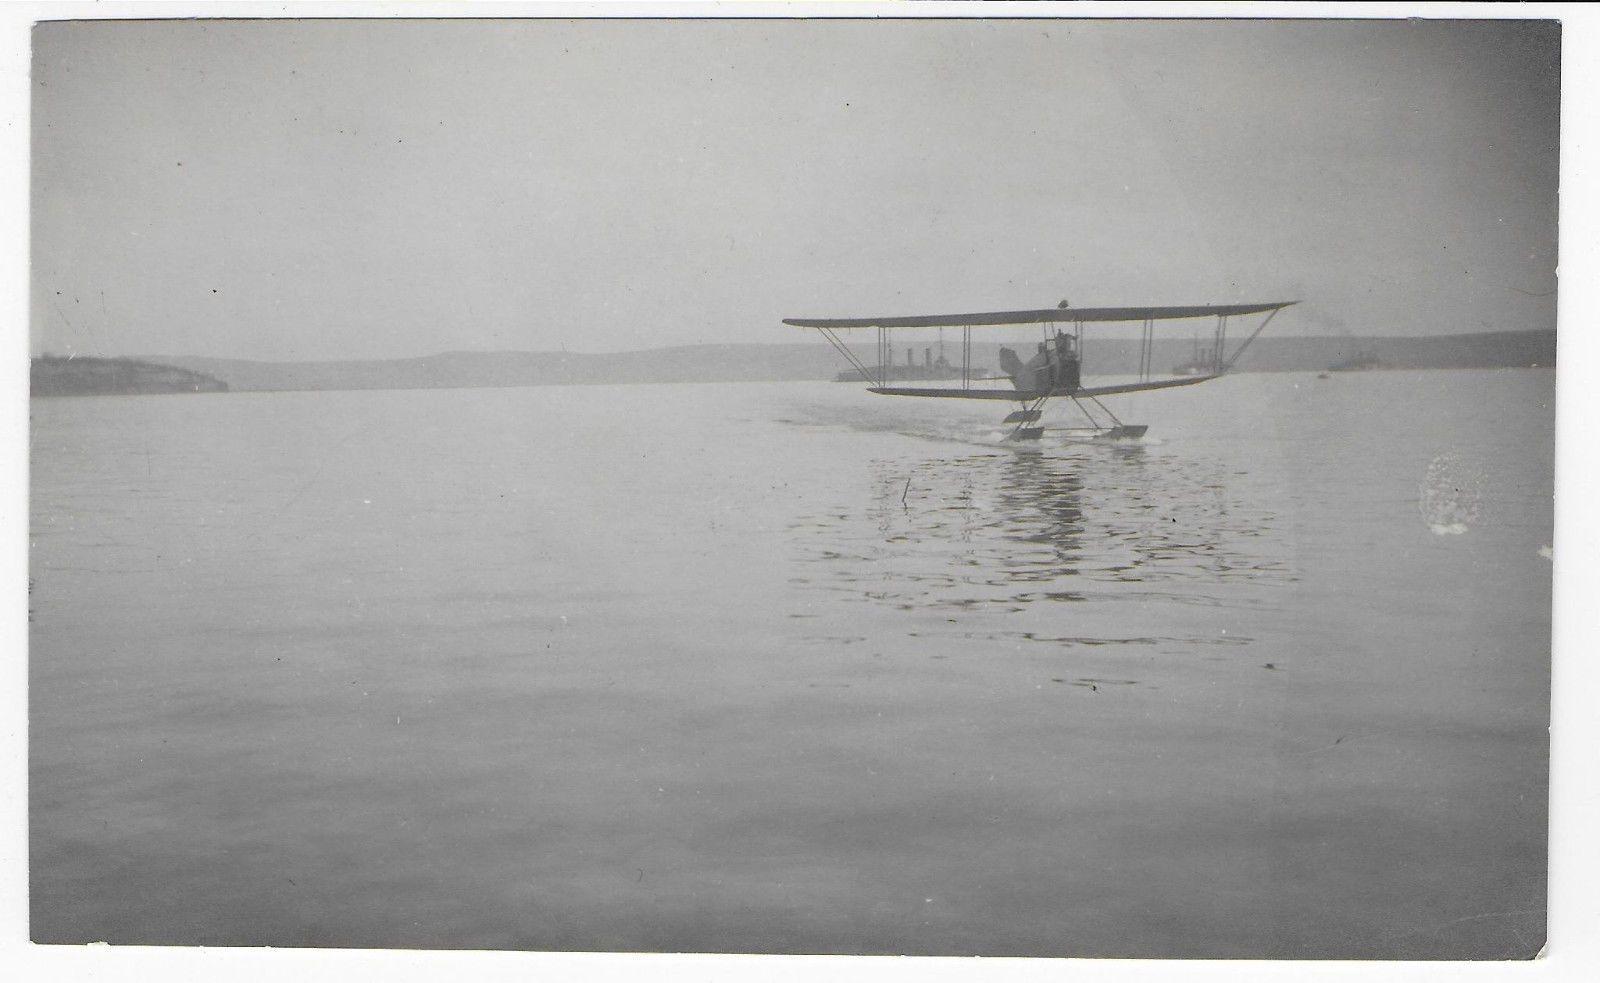 Portrait Seeflieger Lohner Pfeilflieger Flugpionier H. Hold Portorose 1912 (12) | eBay